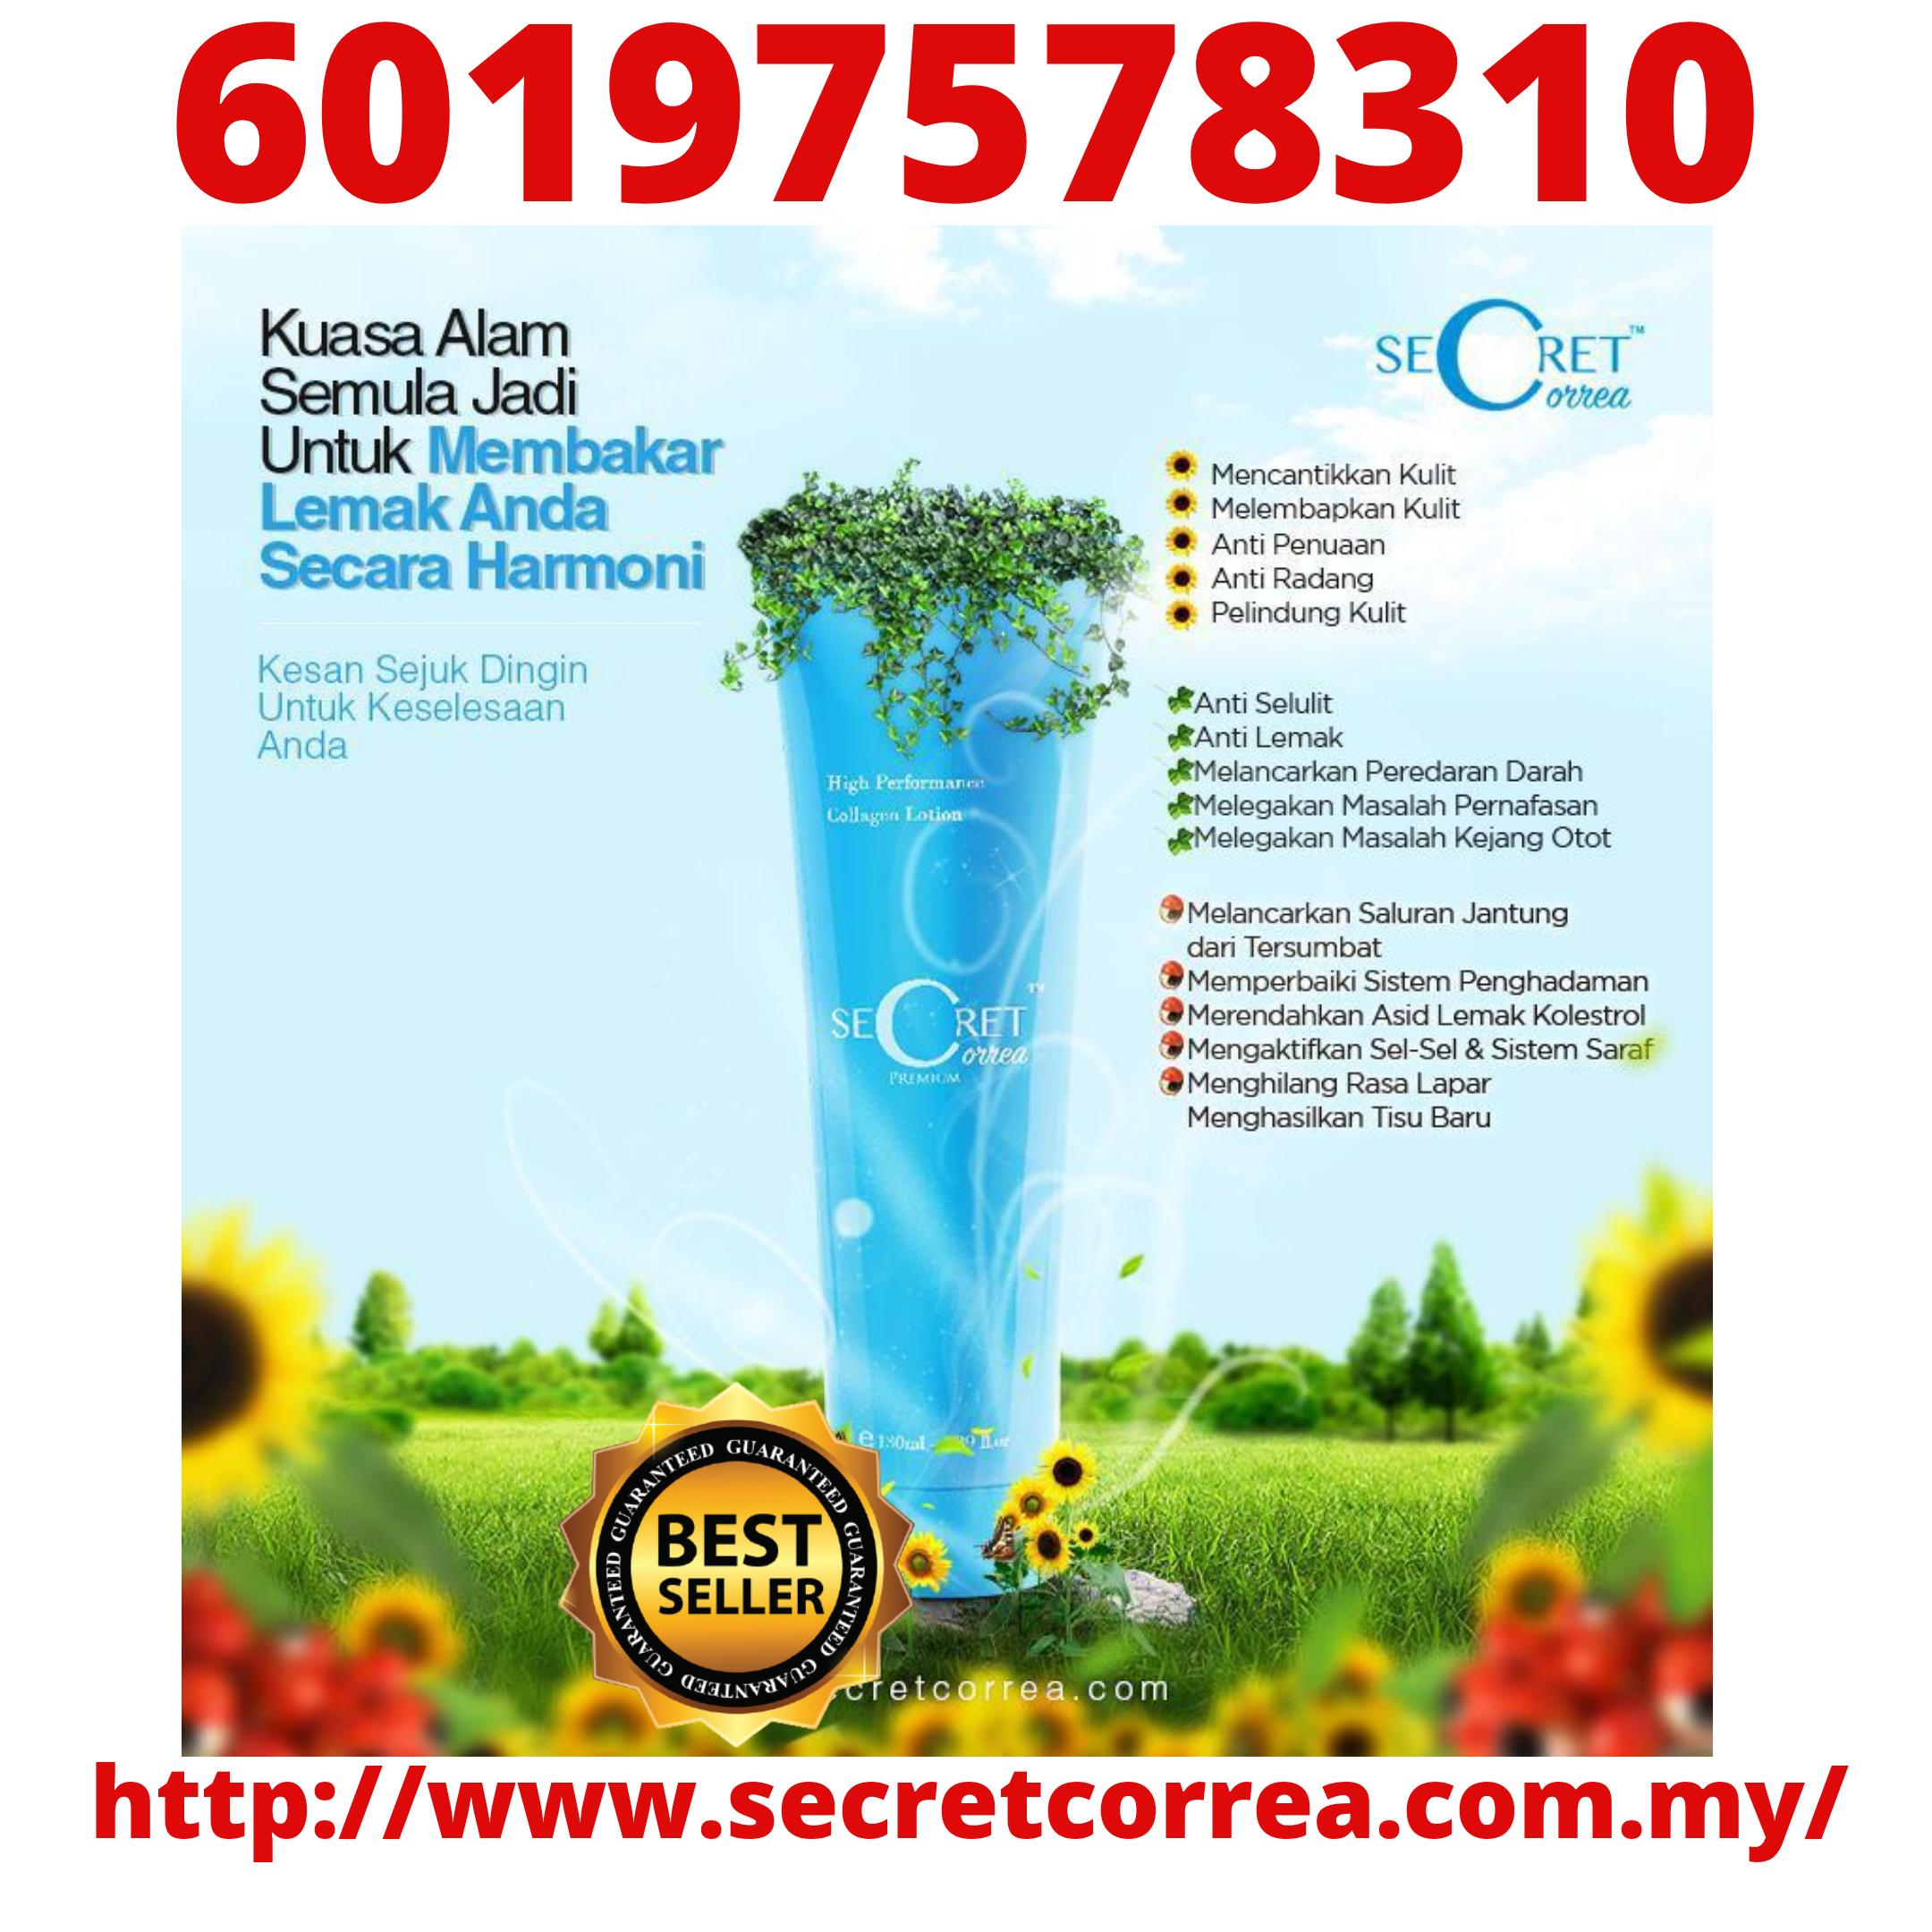 SECRET CORREA ORIGINAL WHATAPPS 60197578310